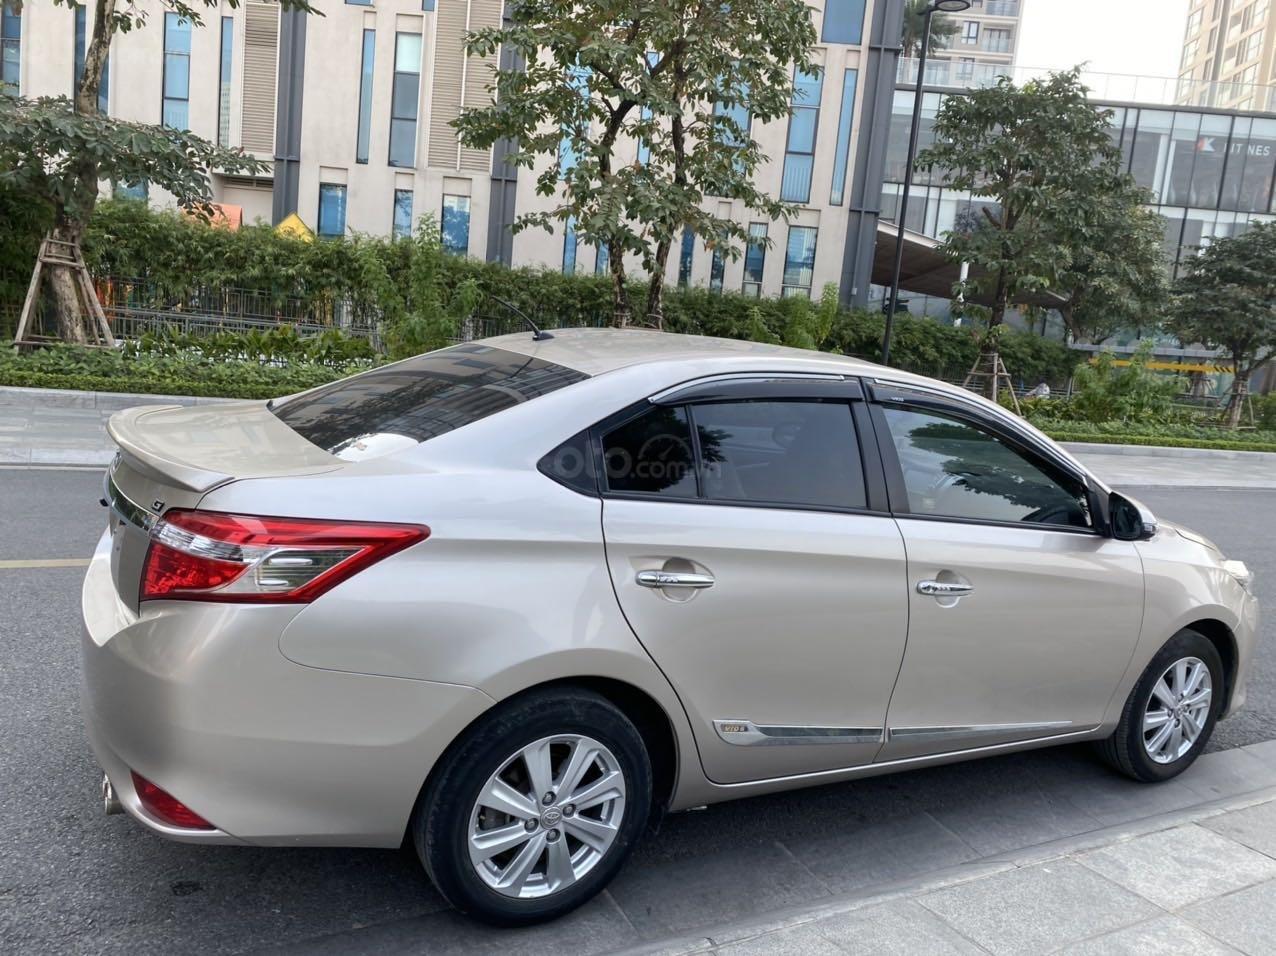 Bán Toyota Vios G 2014 xe gia đình giá chỉ 412 triệu đồng (2)